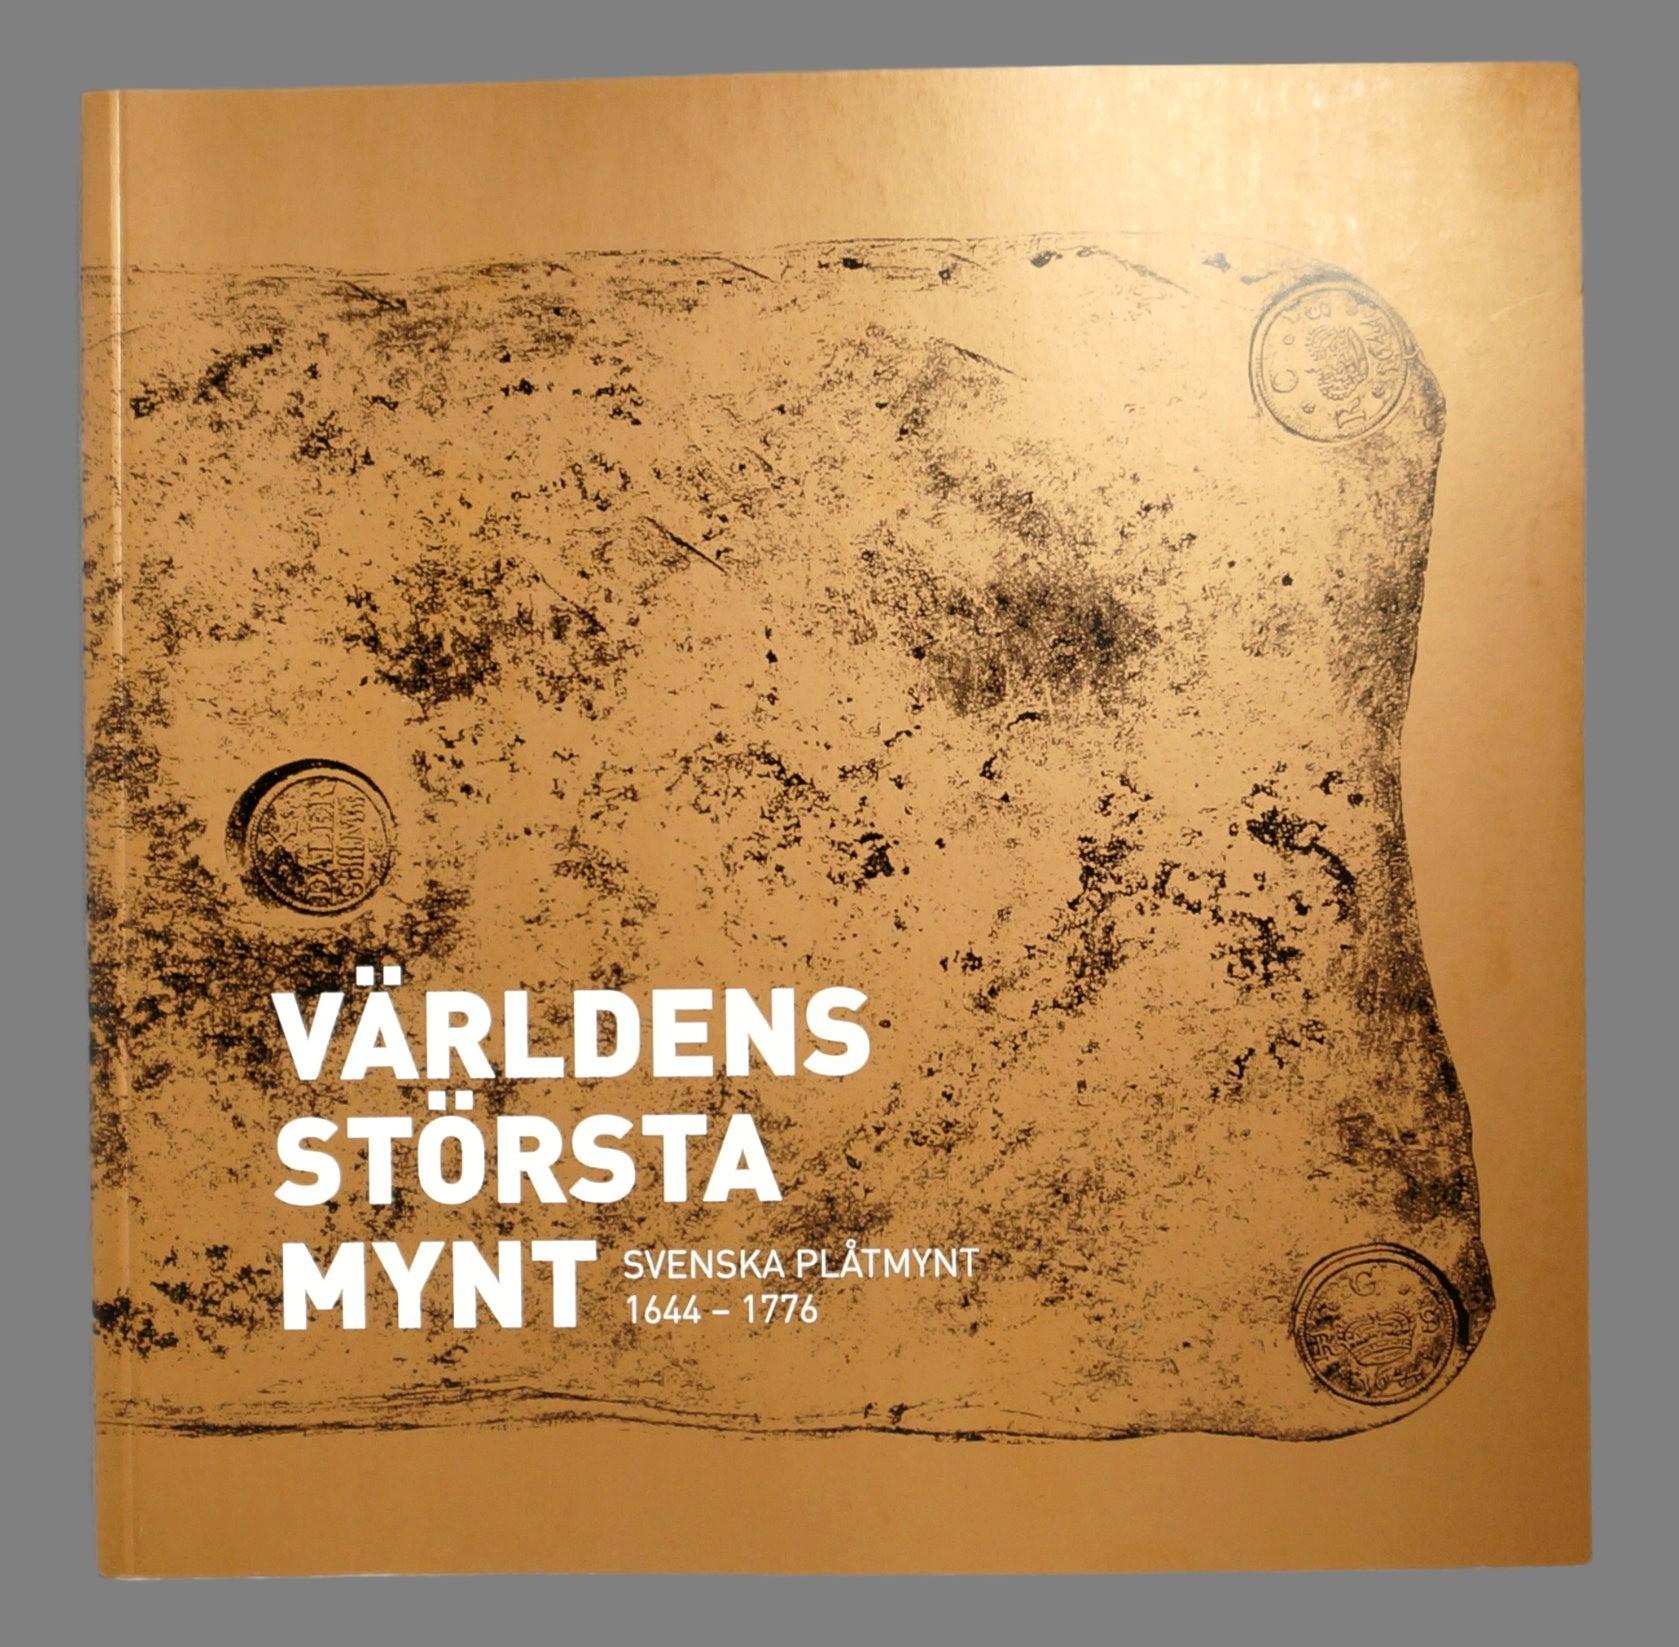 Världens största mynt. Svenska plåtmynt 1644-1776.